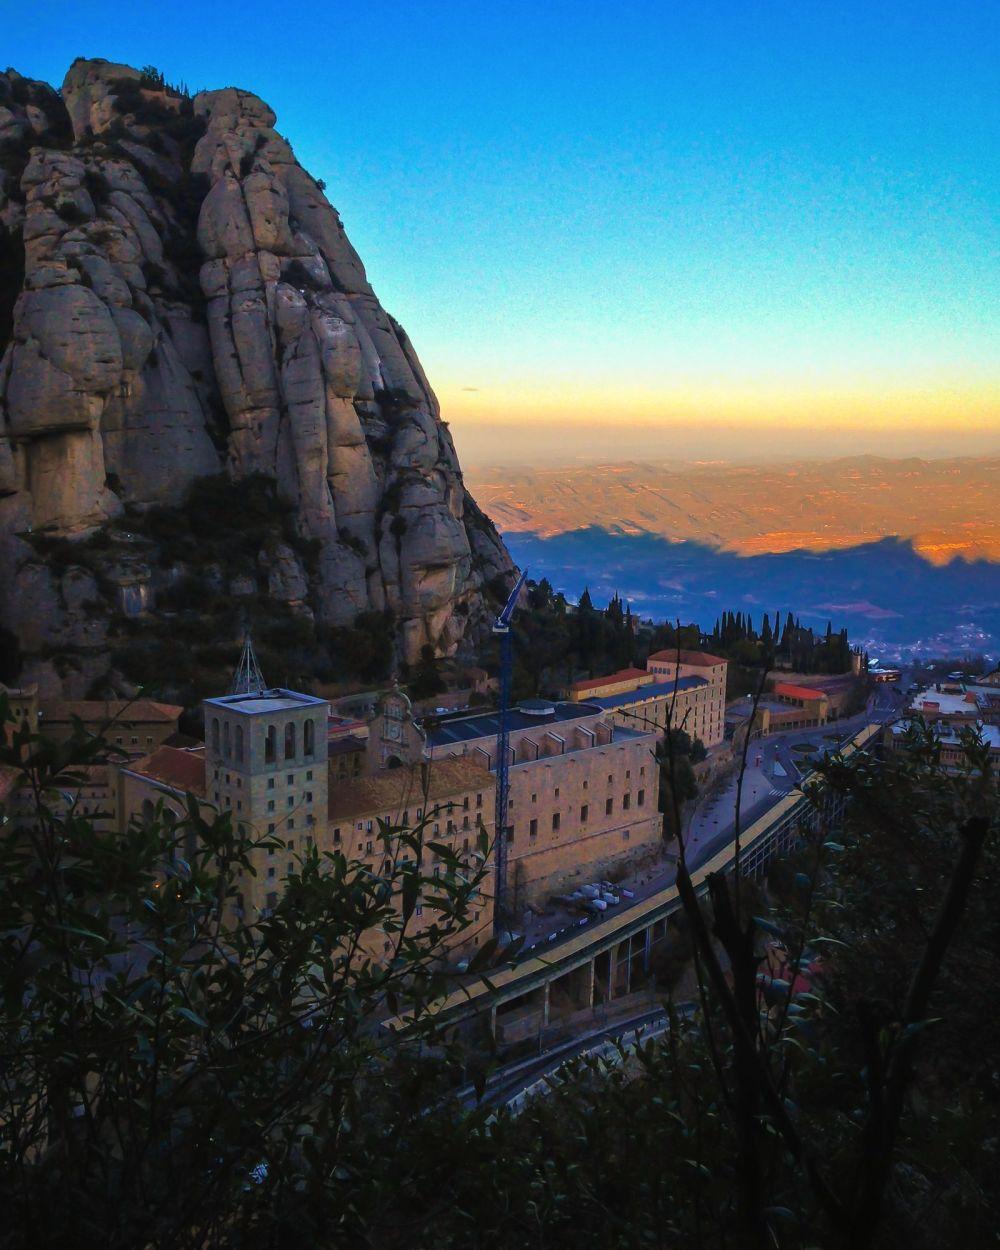 Monasterio de Montserrat - otra de las 12 cosas para ver y hacer en Barcelona